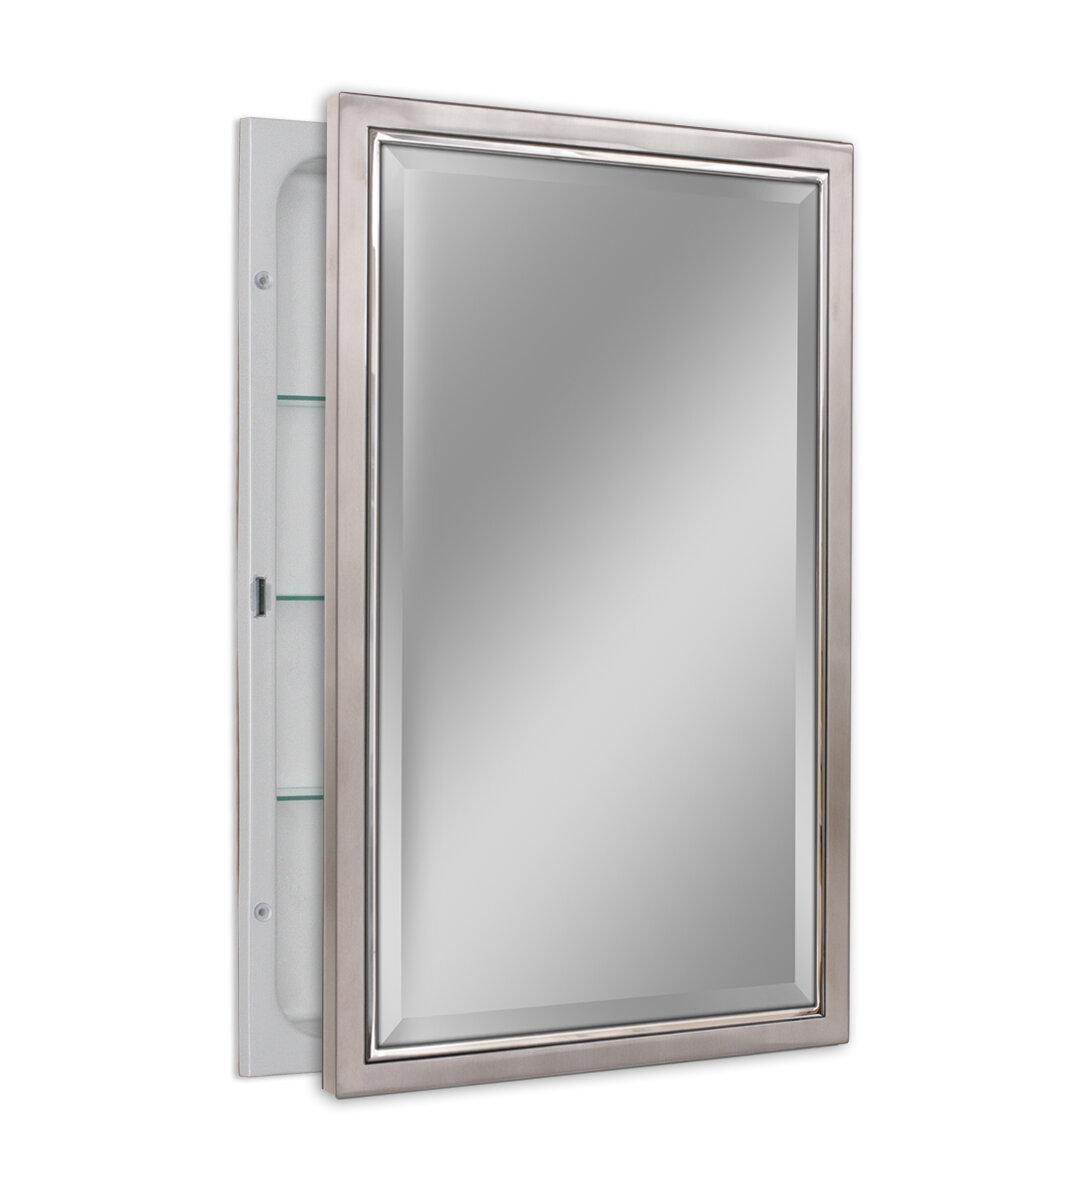 Congdon 16 X 26 Recessed Framed Medicine Cabinet With 3 Adjule Shelves